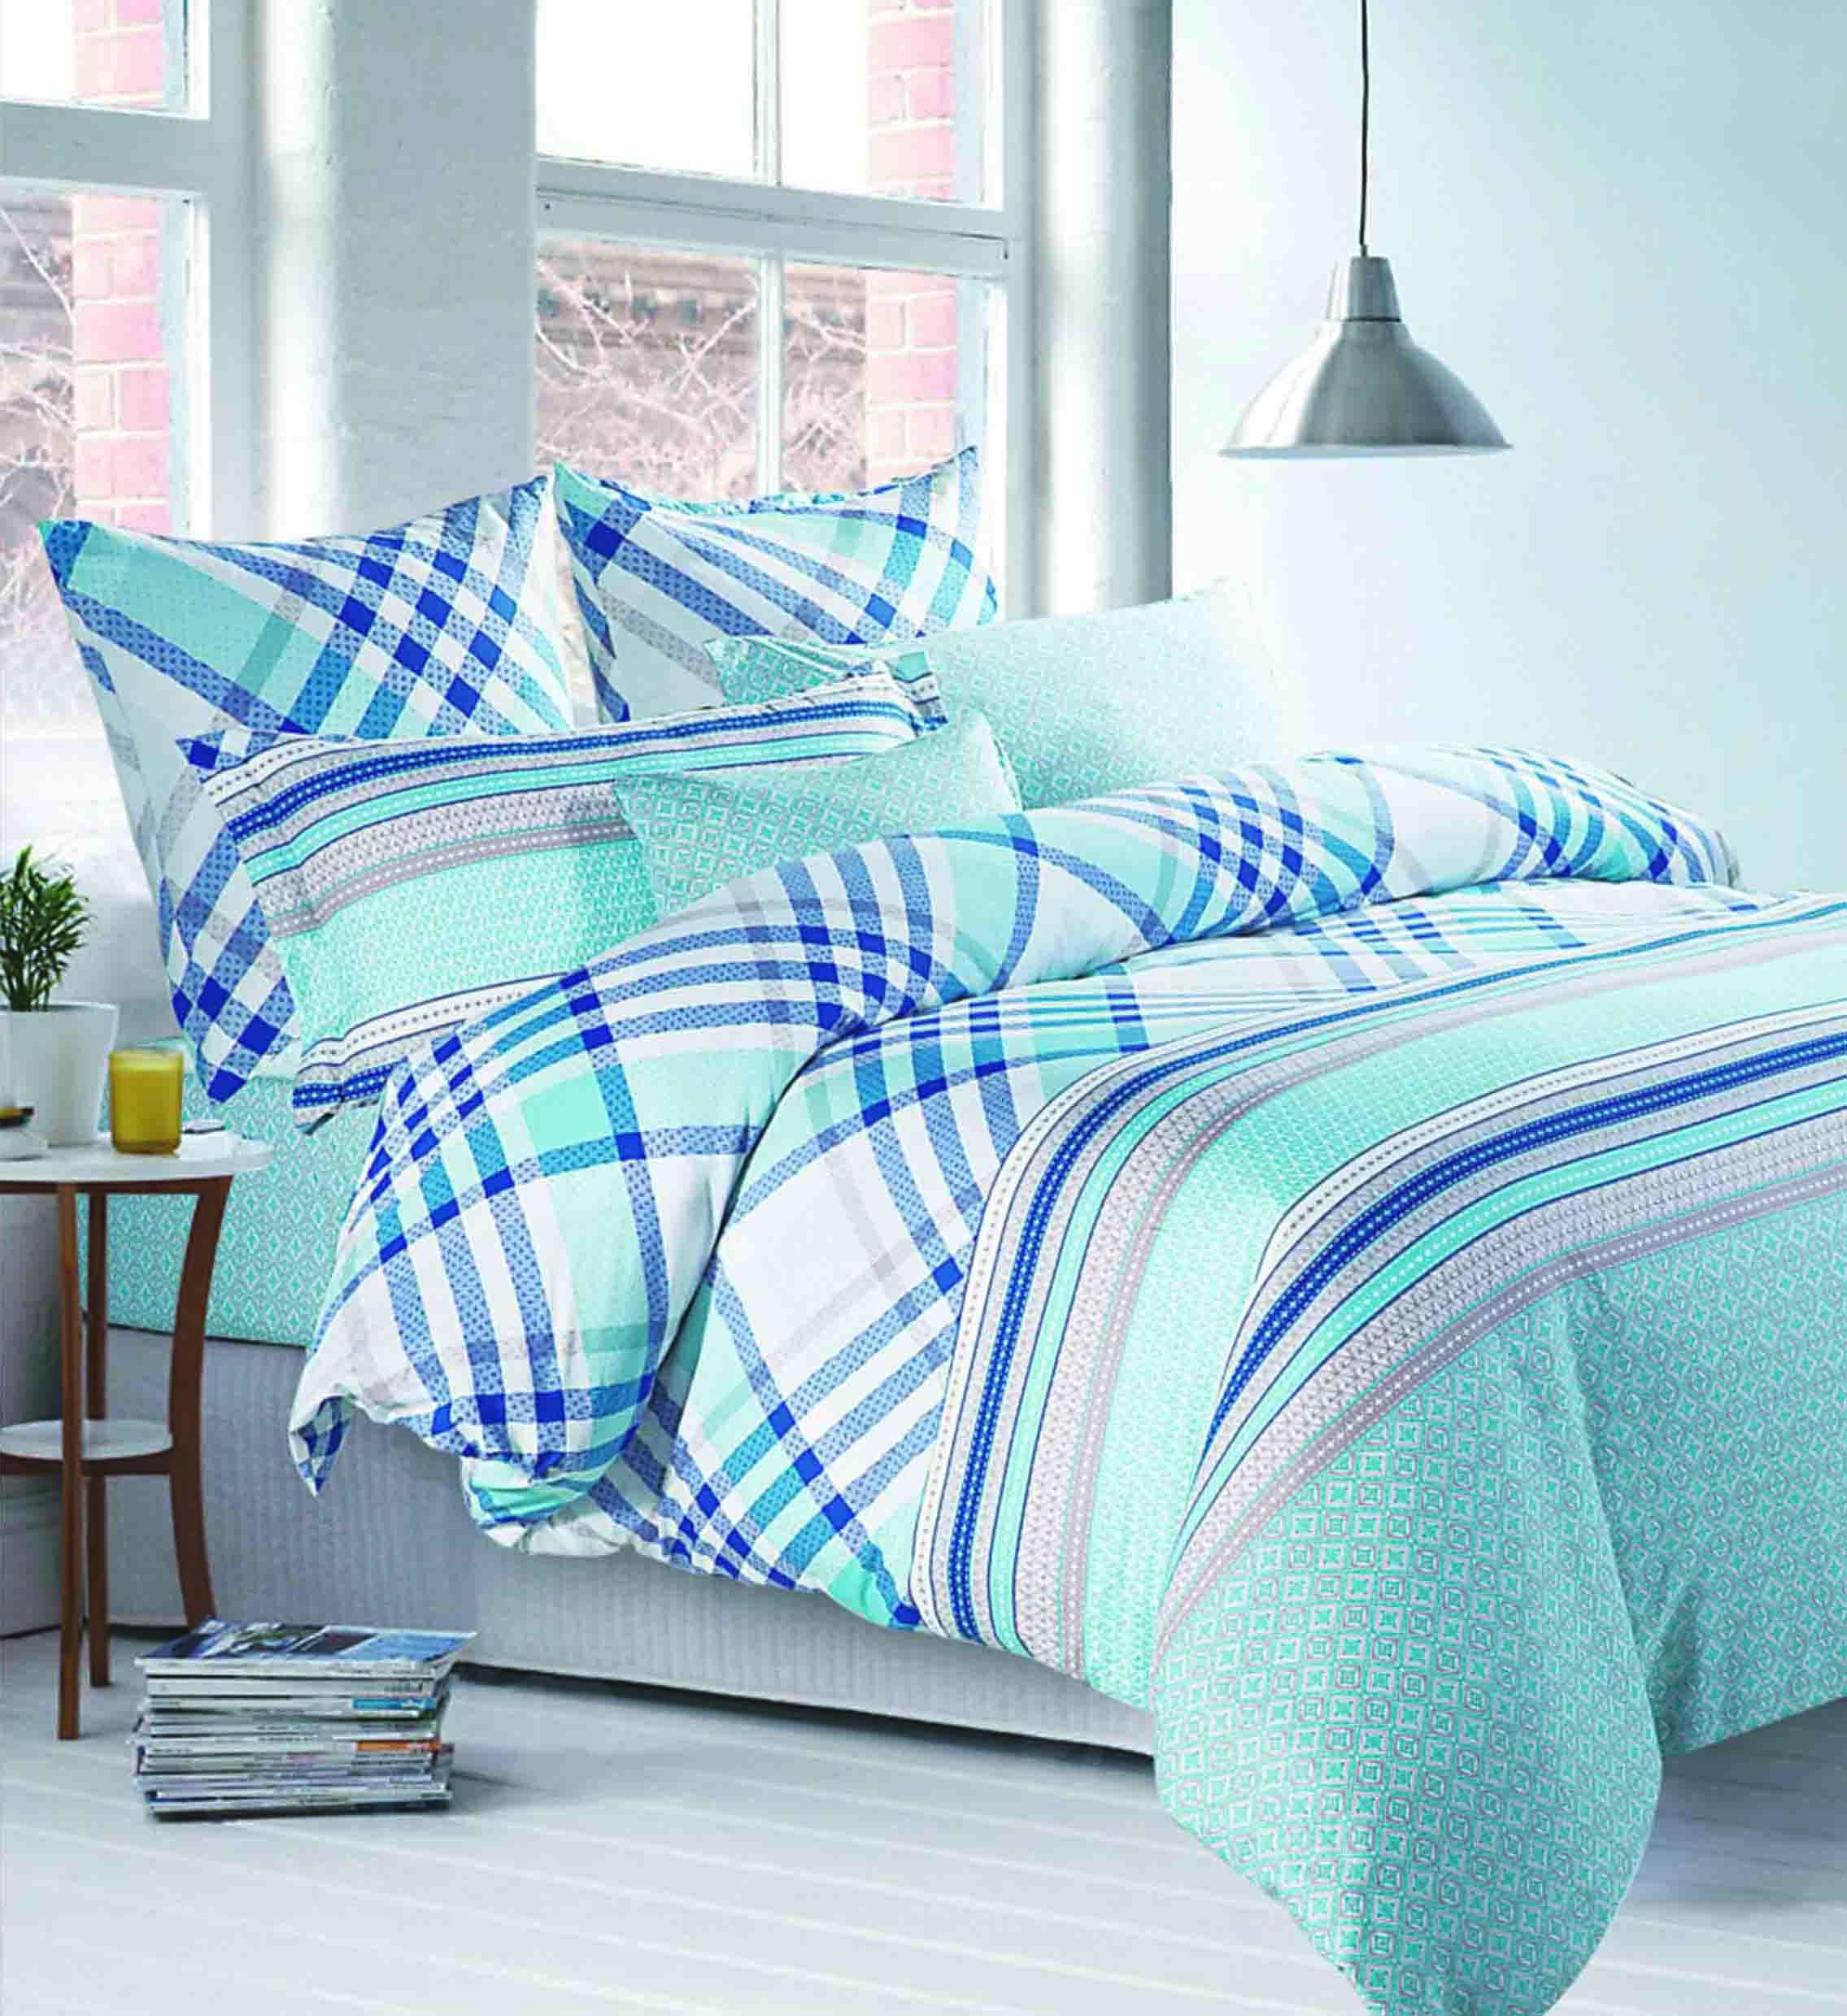 cotton gorgeous blossom Daphne Brand Cotton Bedding Sets